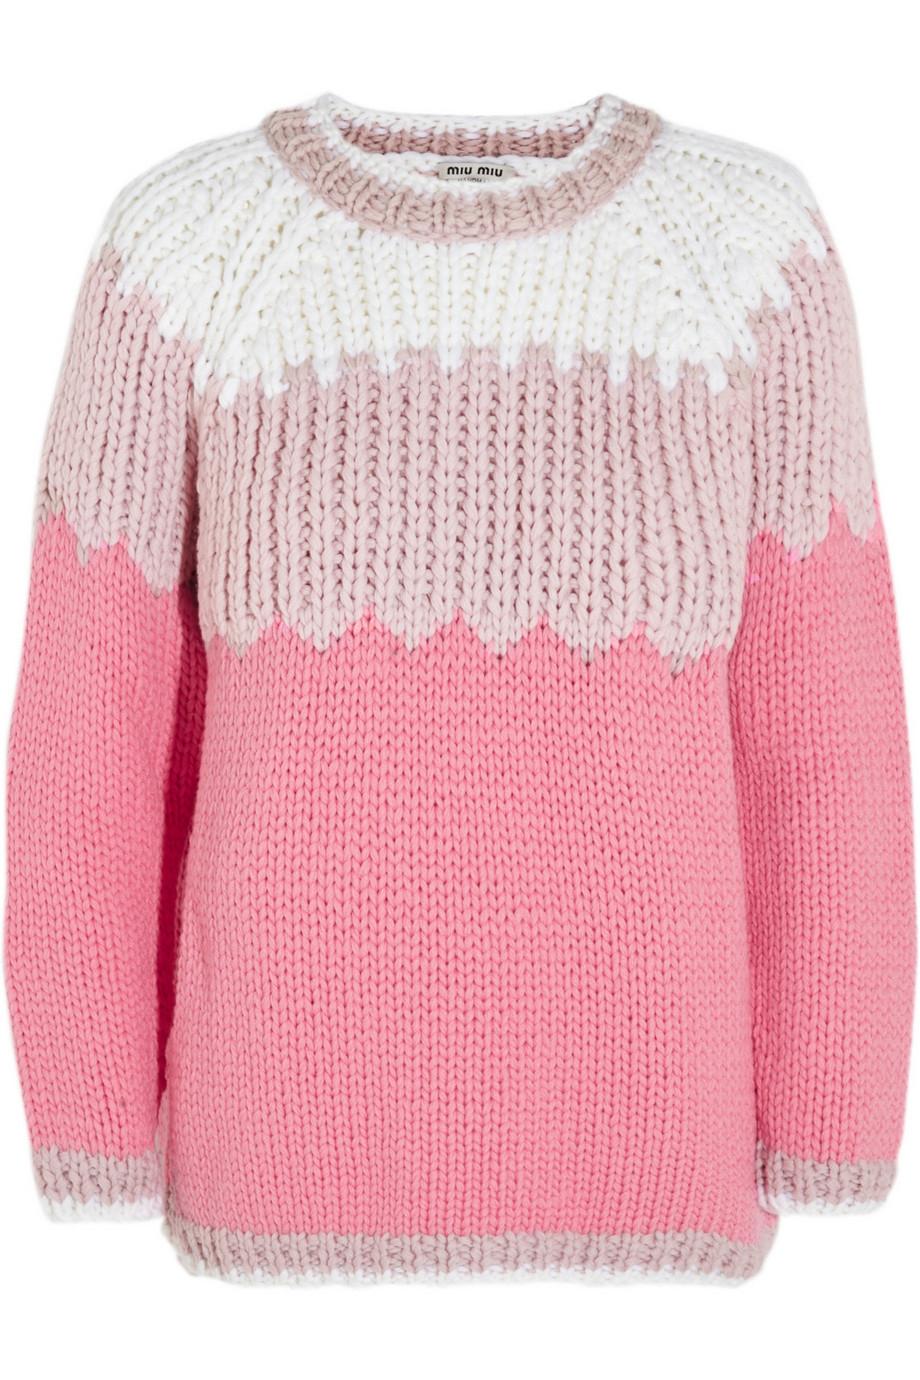 miu miu chunkyknit wool sweater in pink lyst